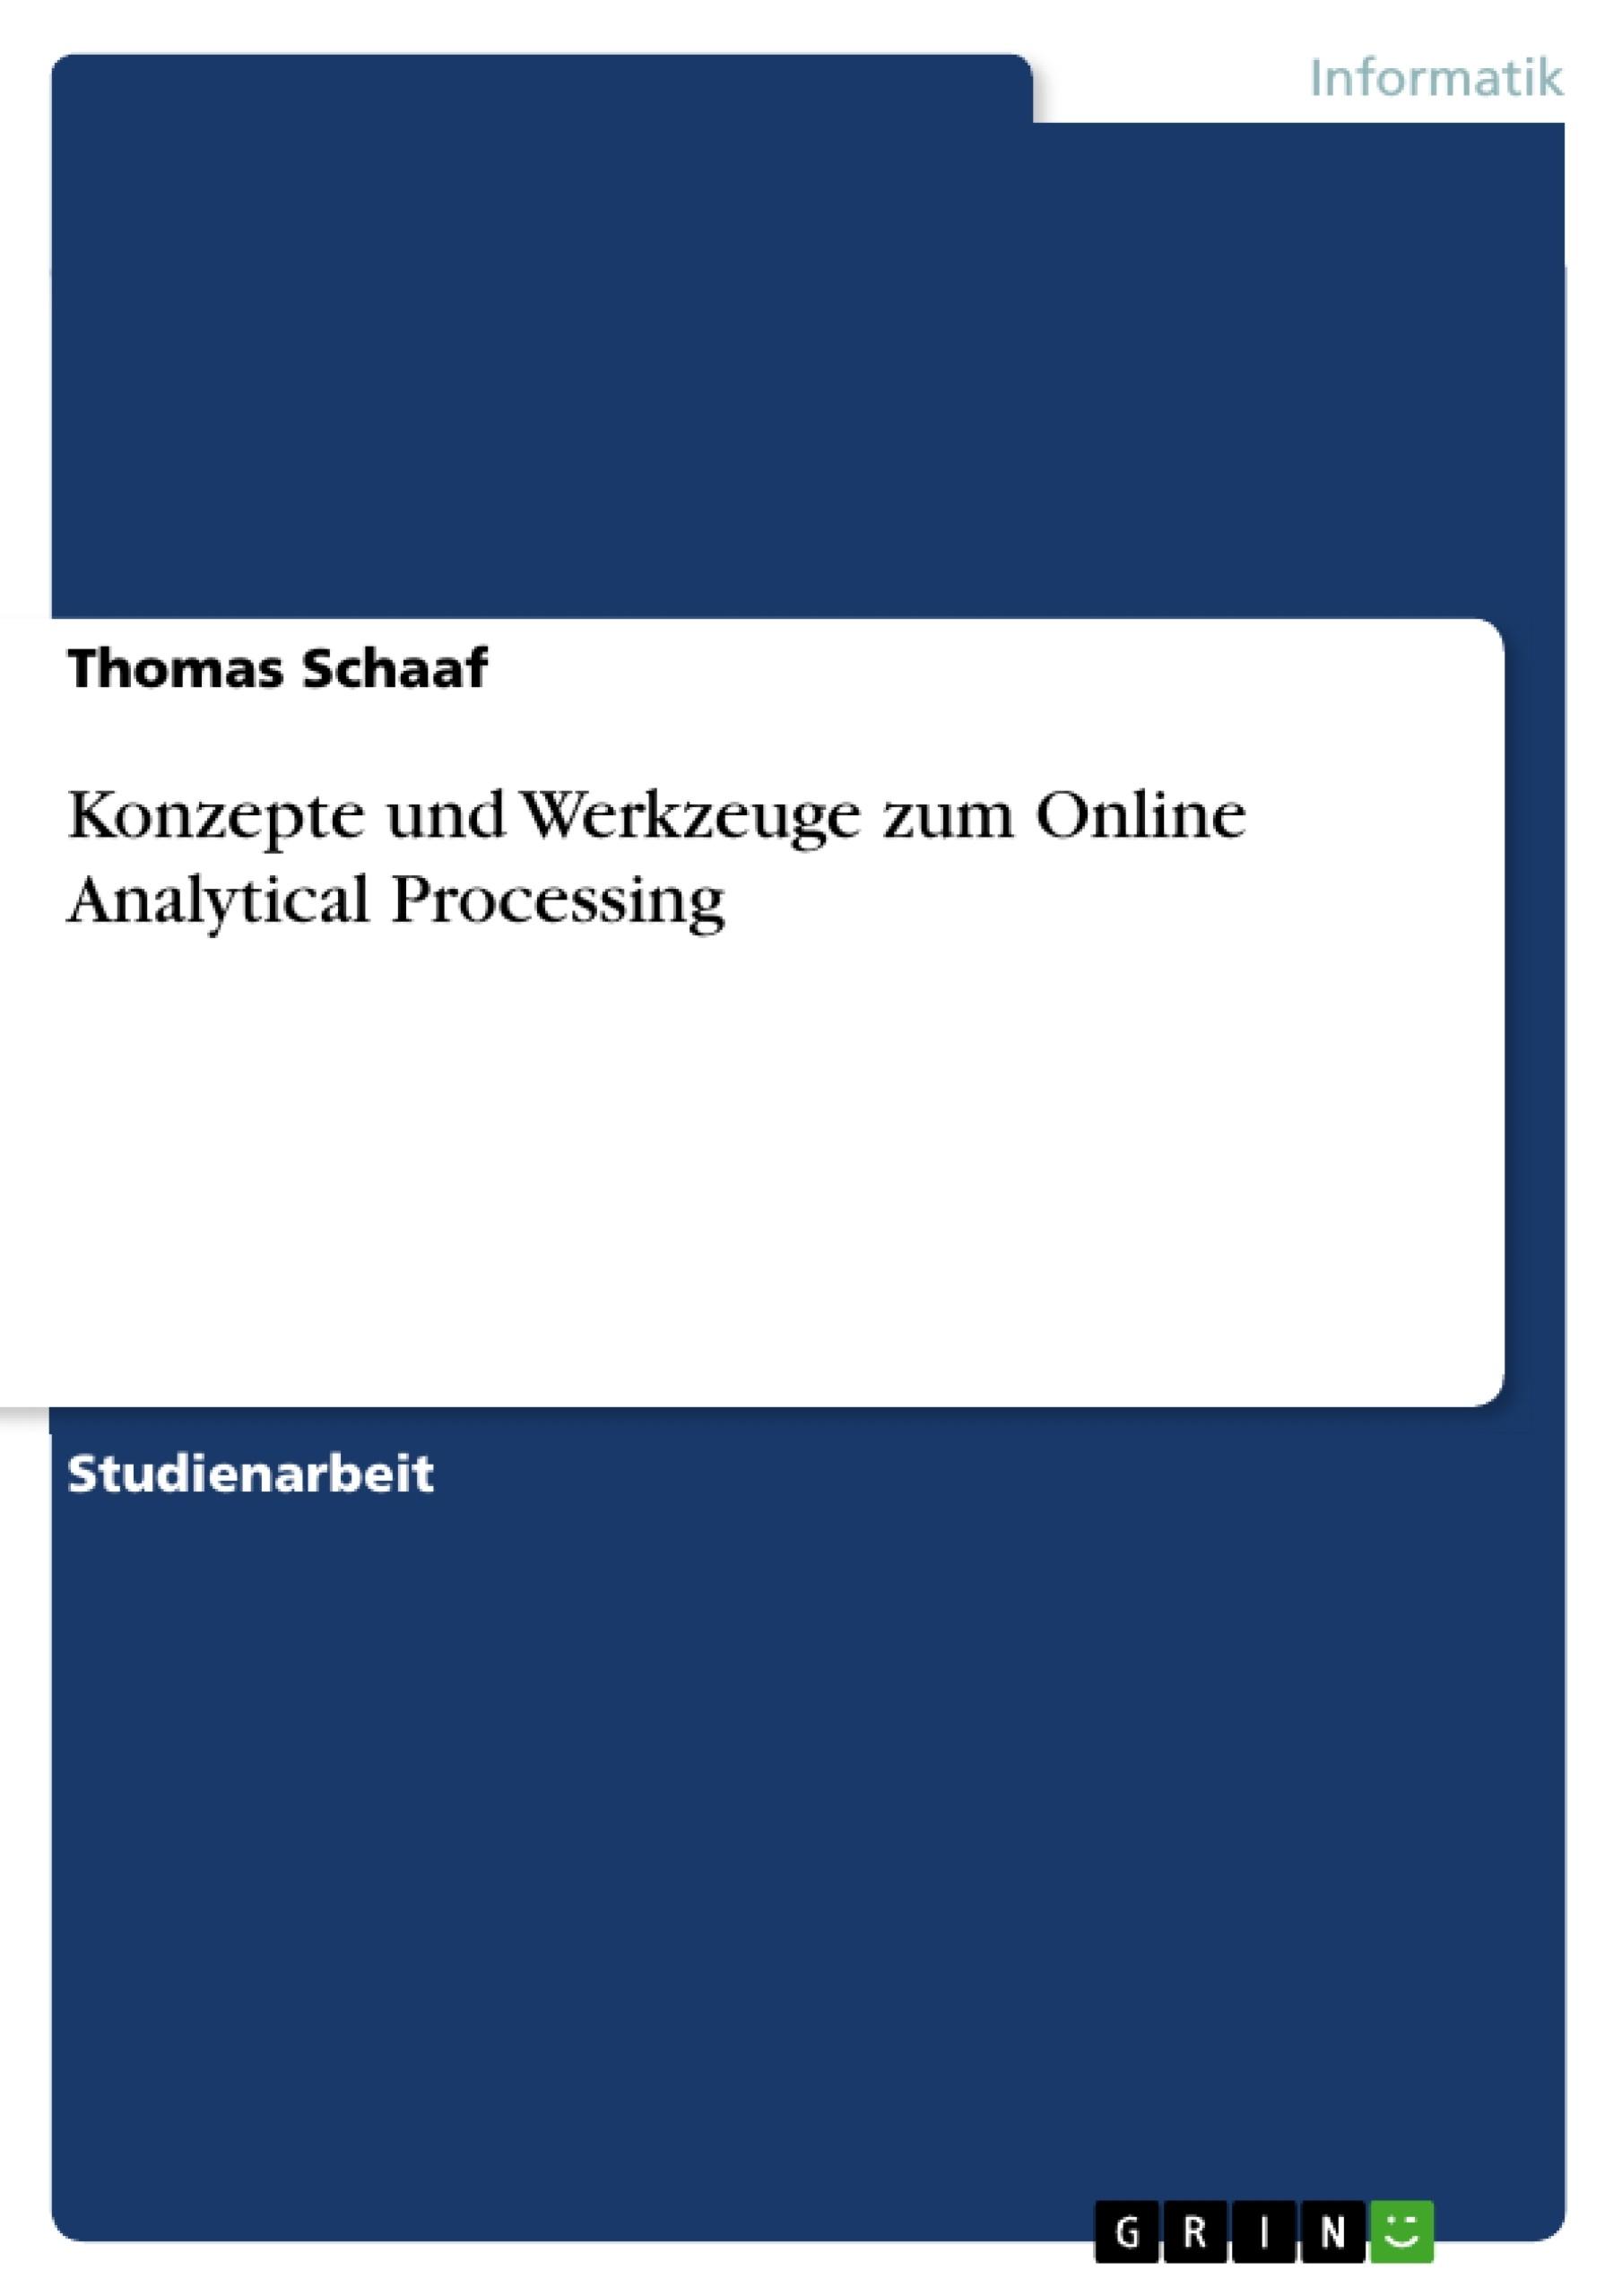 Titel: Konzepte und Werkzeuge zum Online Analytical Processing